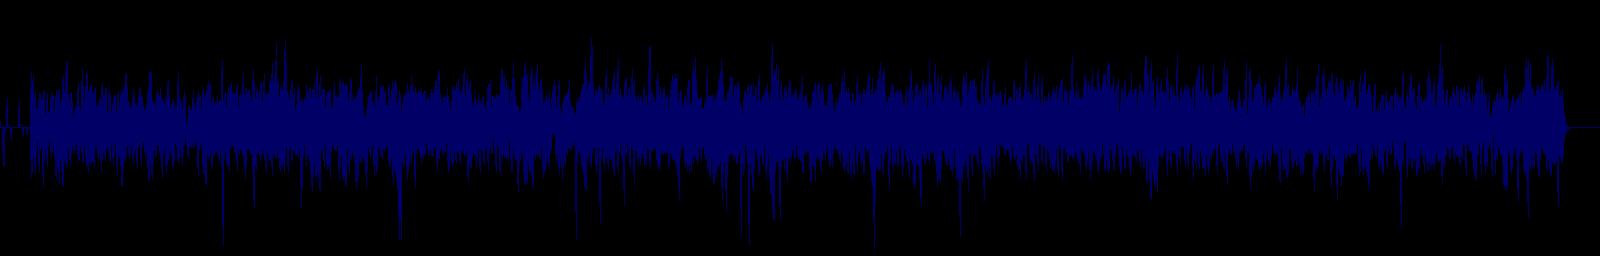 waveform of track #136911